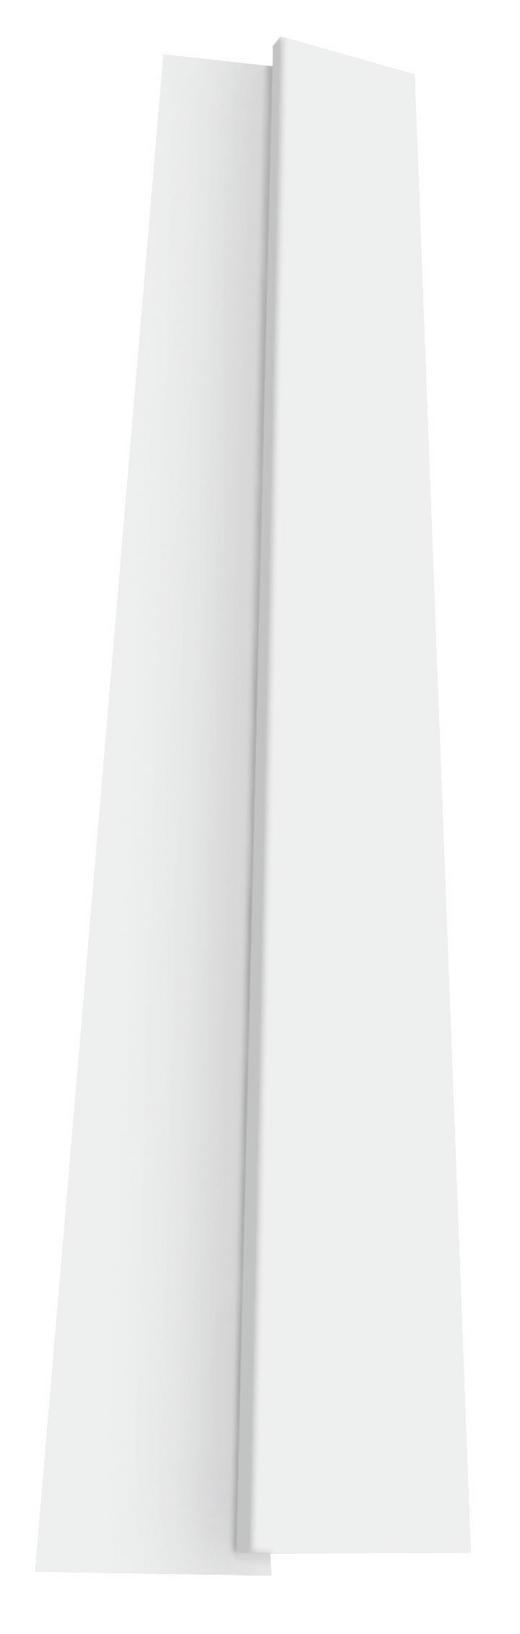 Umbauseiten Isolde/Matteo - Weiß, Trend, Holzwerkstoff (140/15/2cm) - My Baby Lou